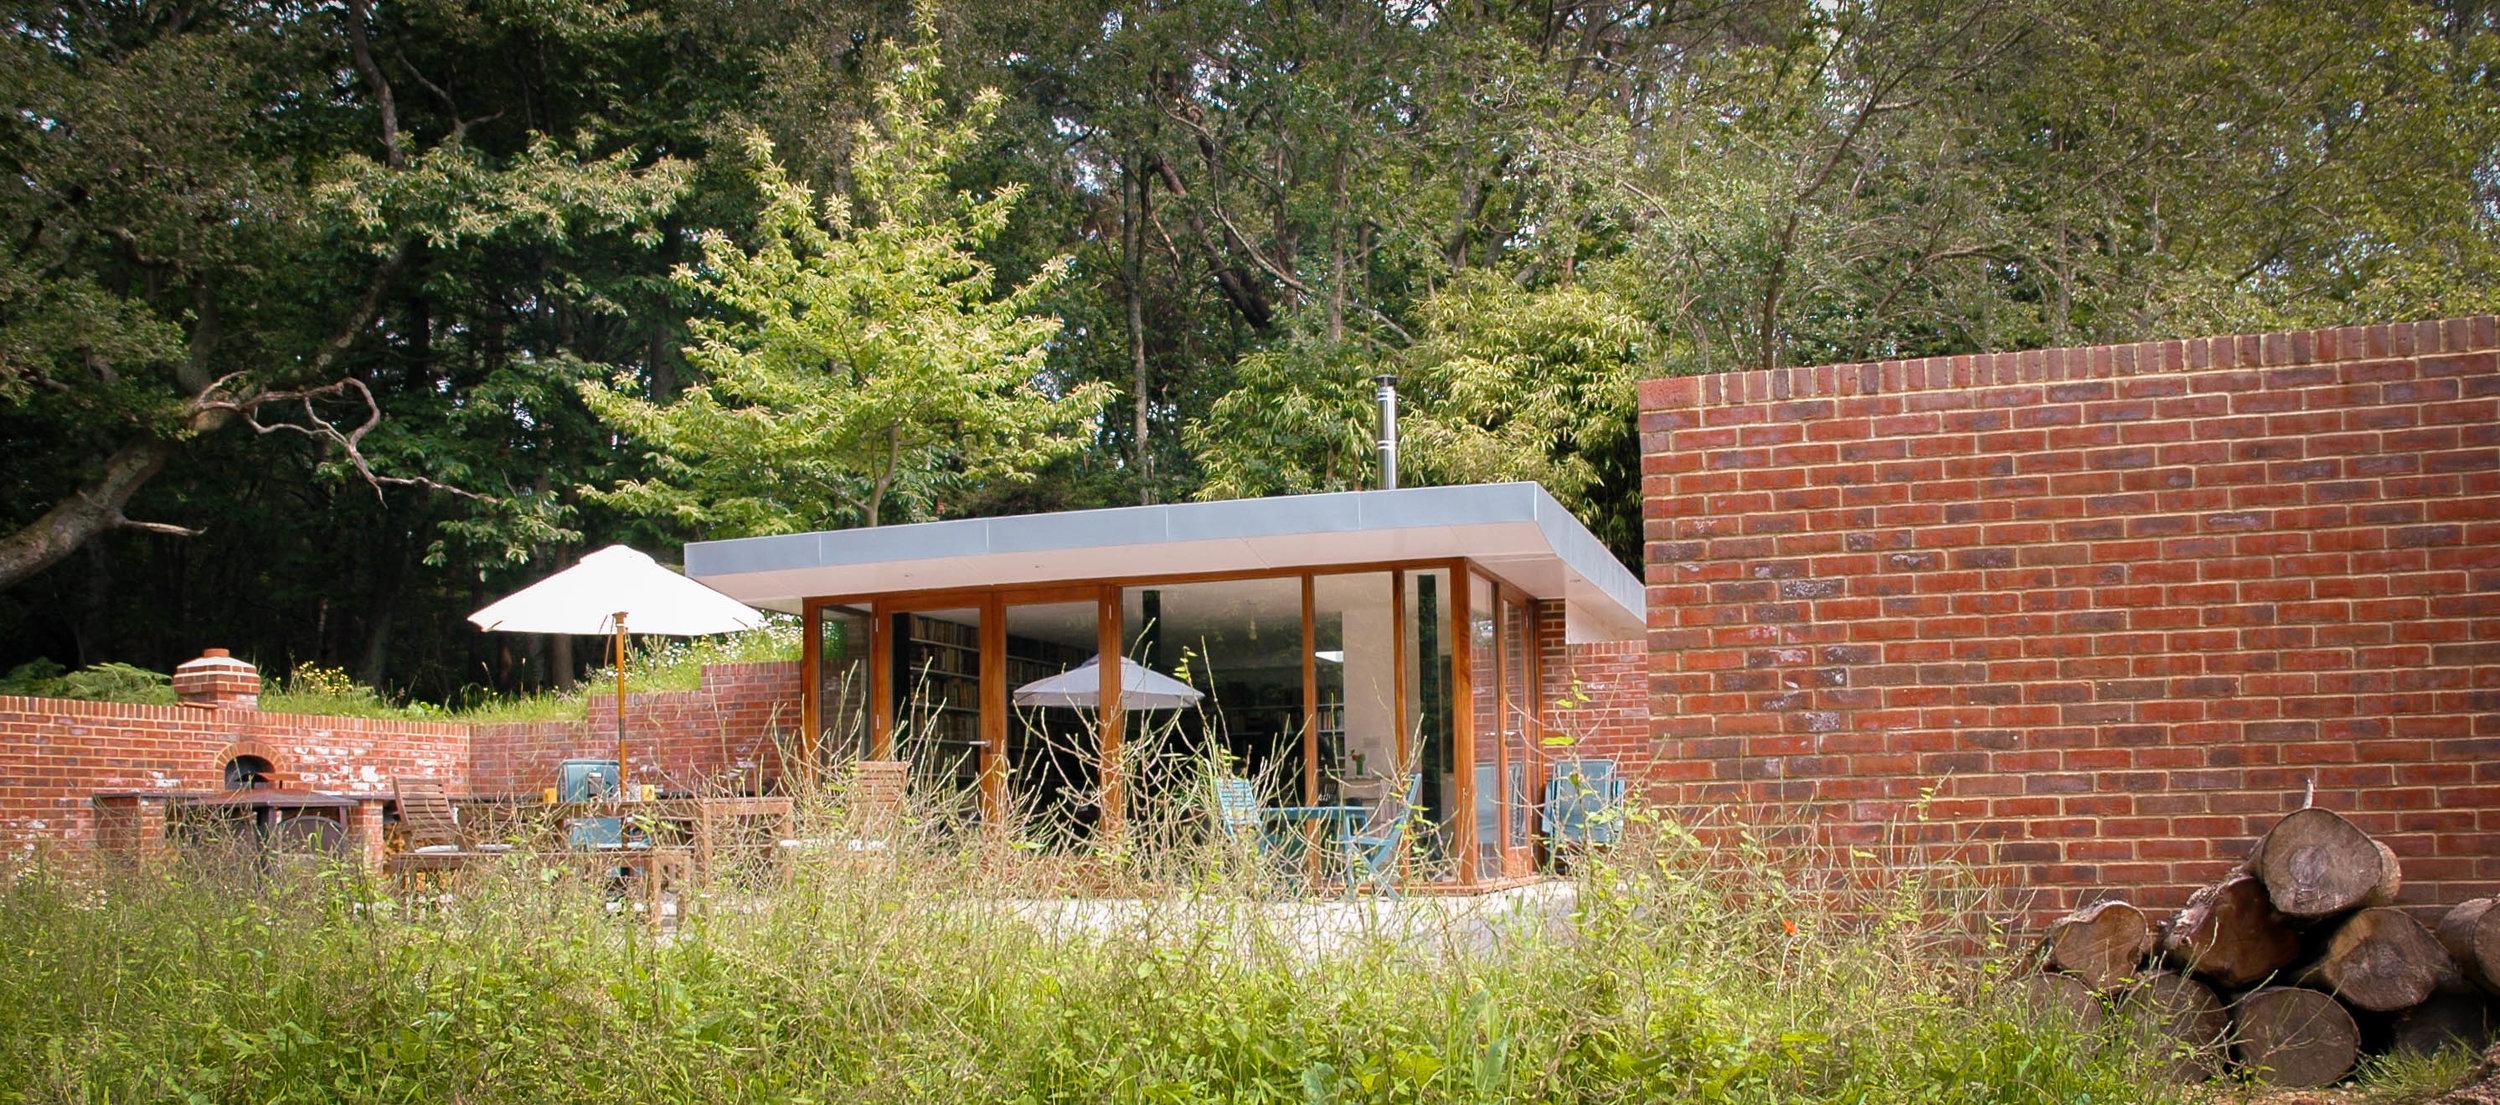 Rackham Library External - MW Architects